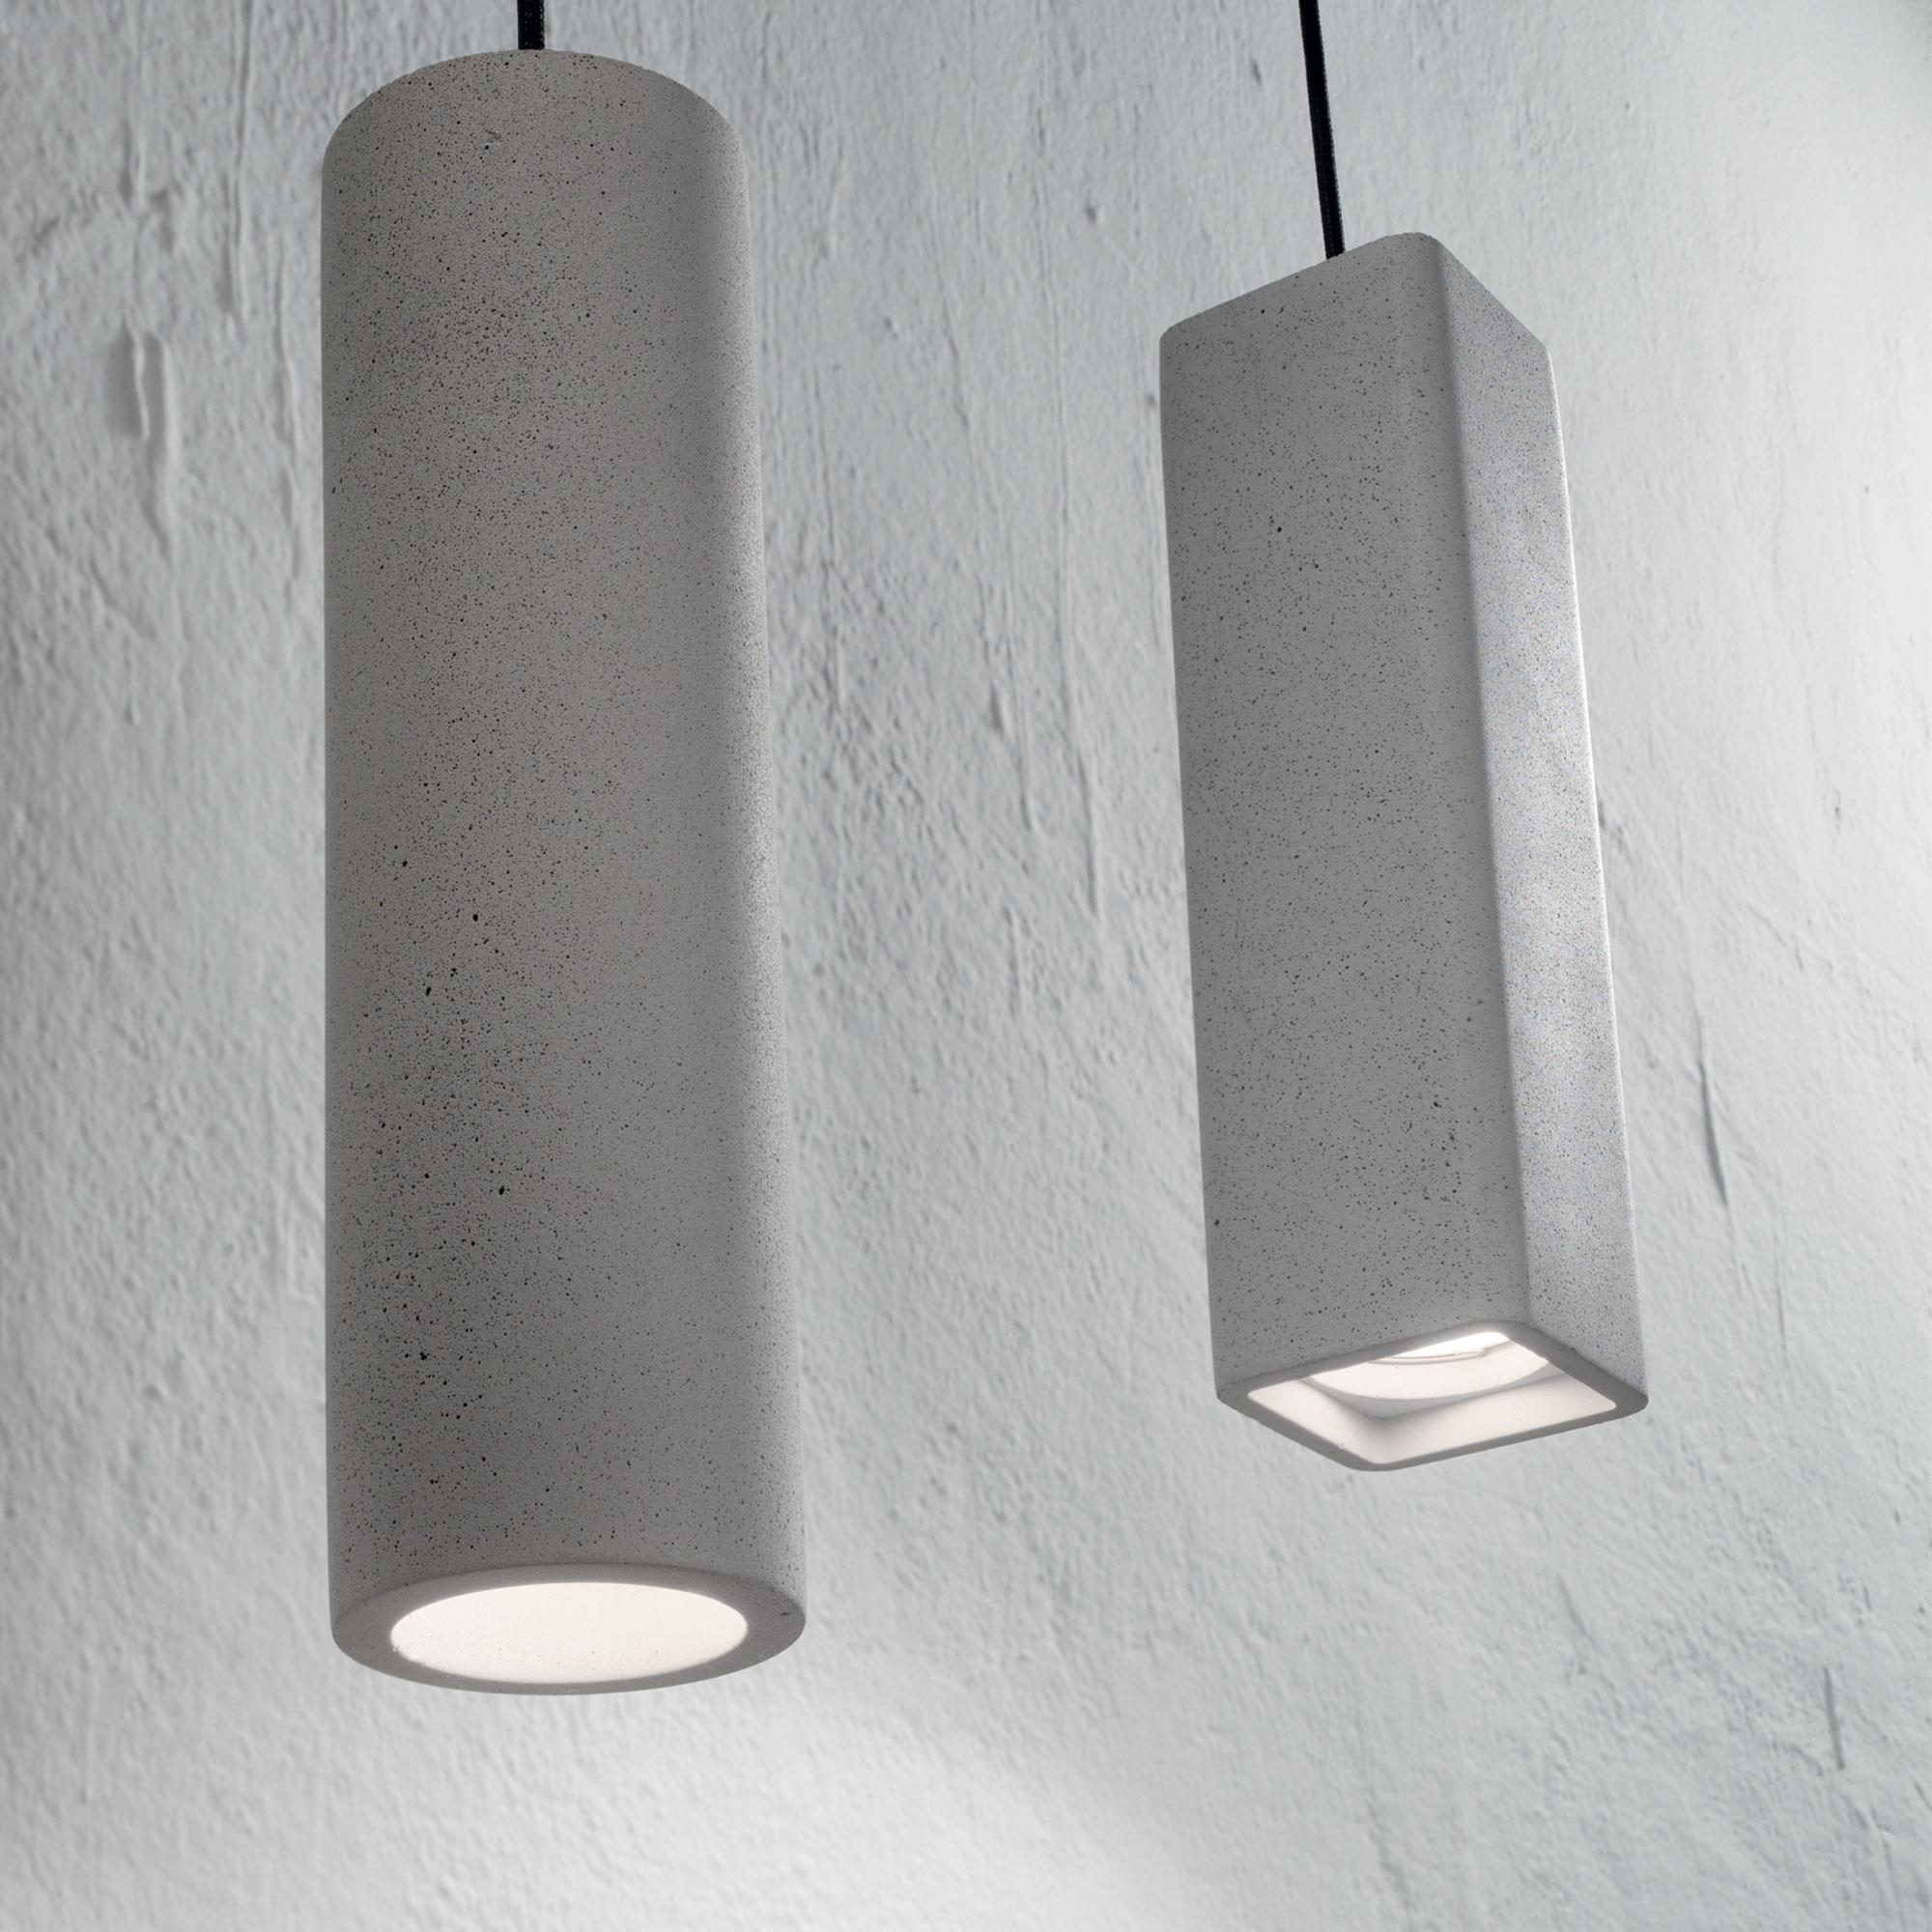 Ideal Lux 150635 OAK SP1 ROUND CEMENTO függeszték